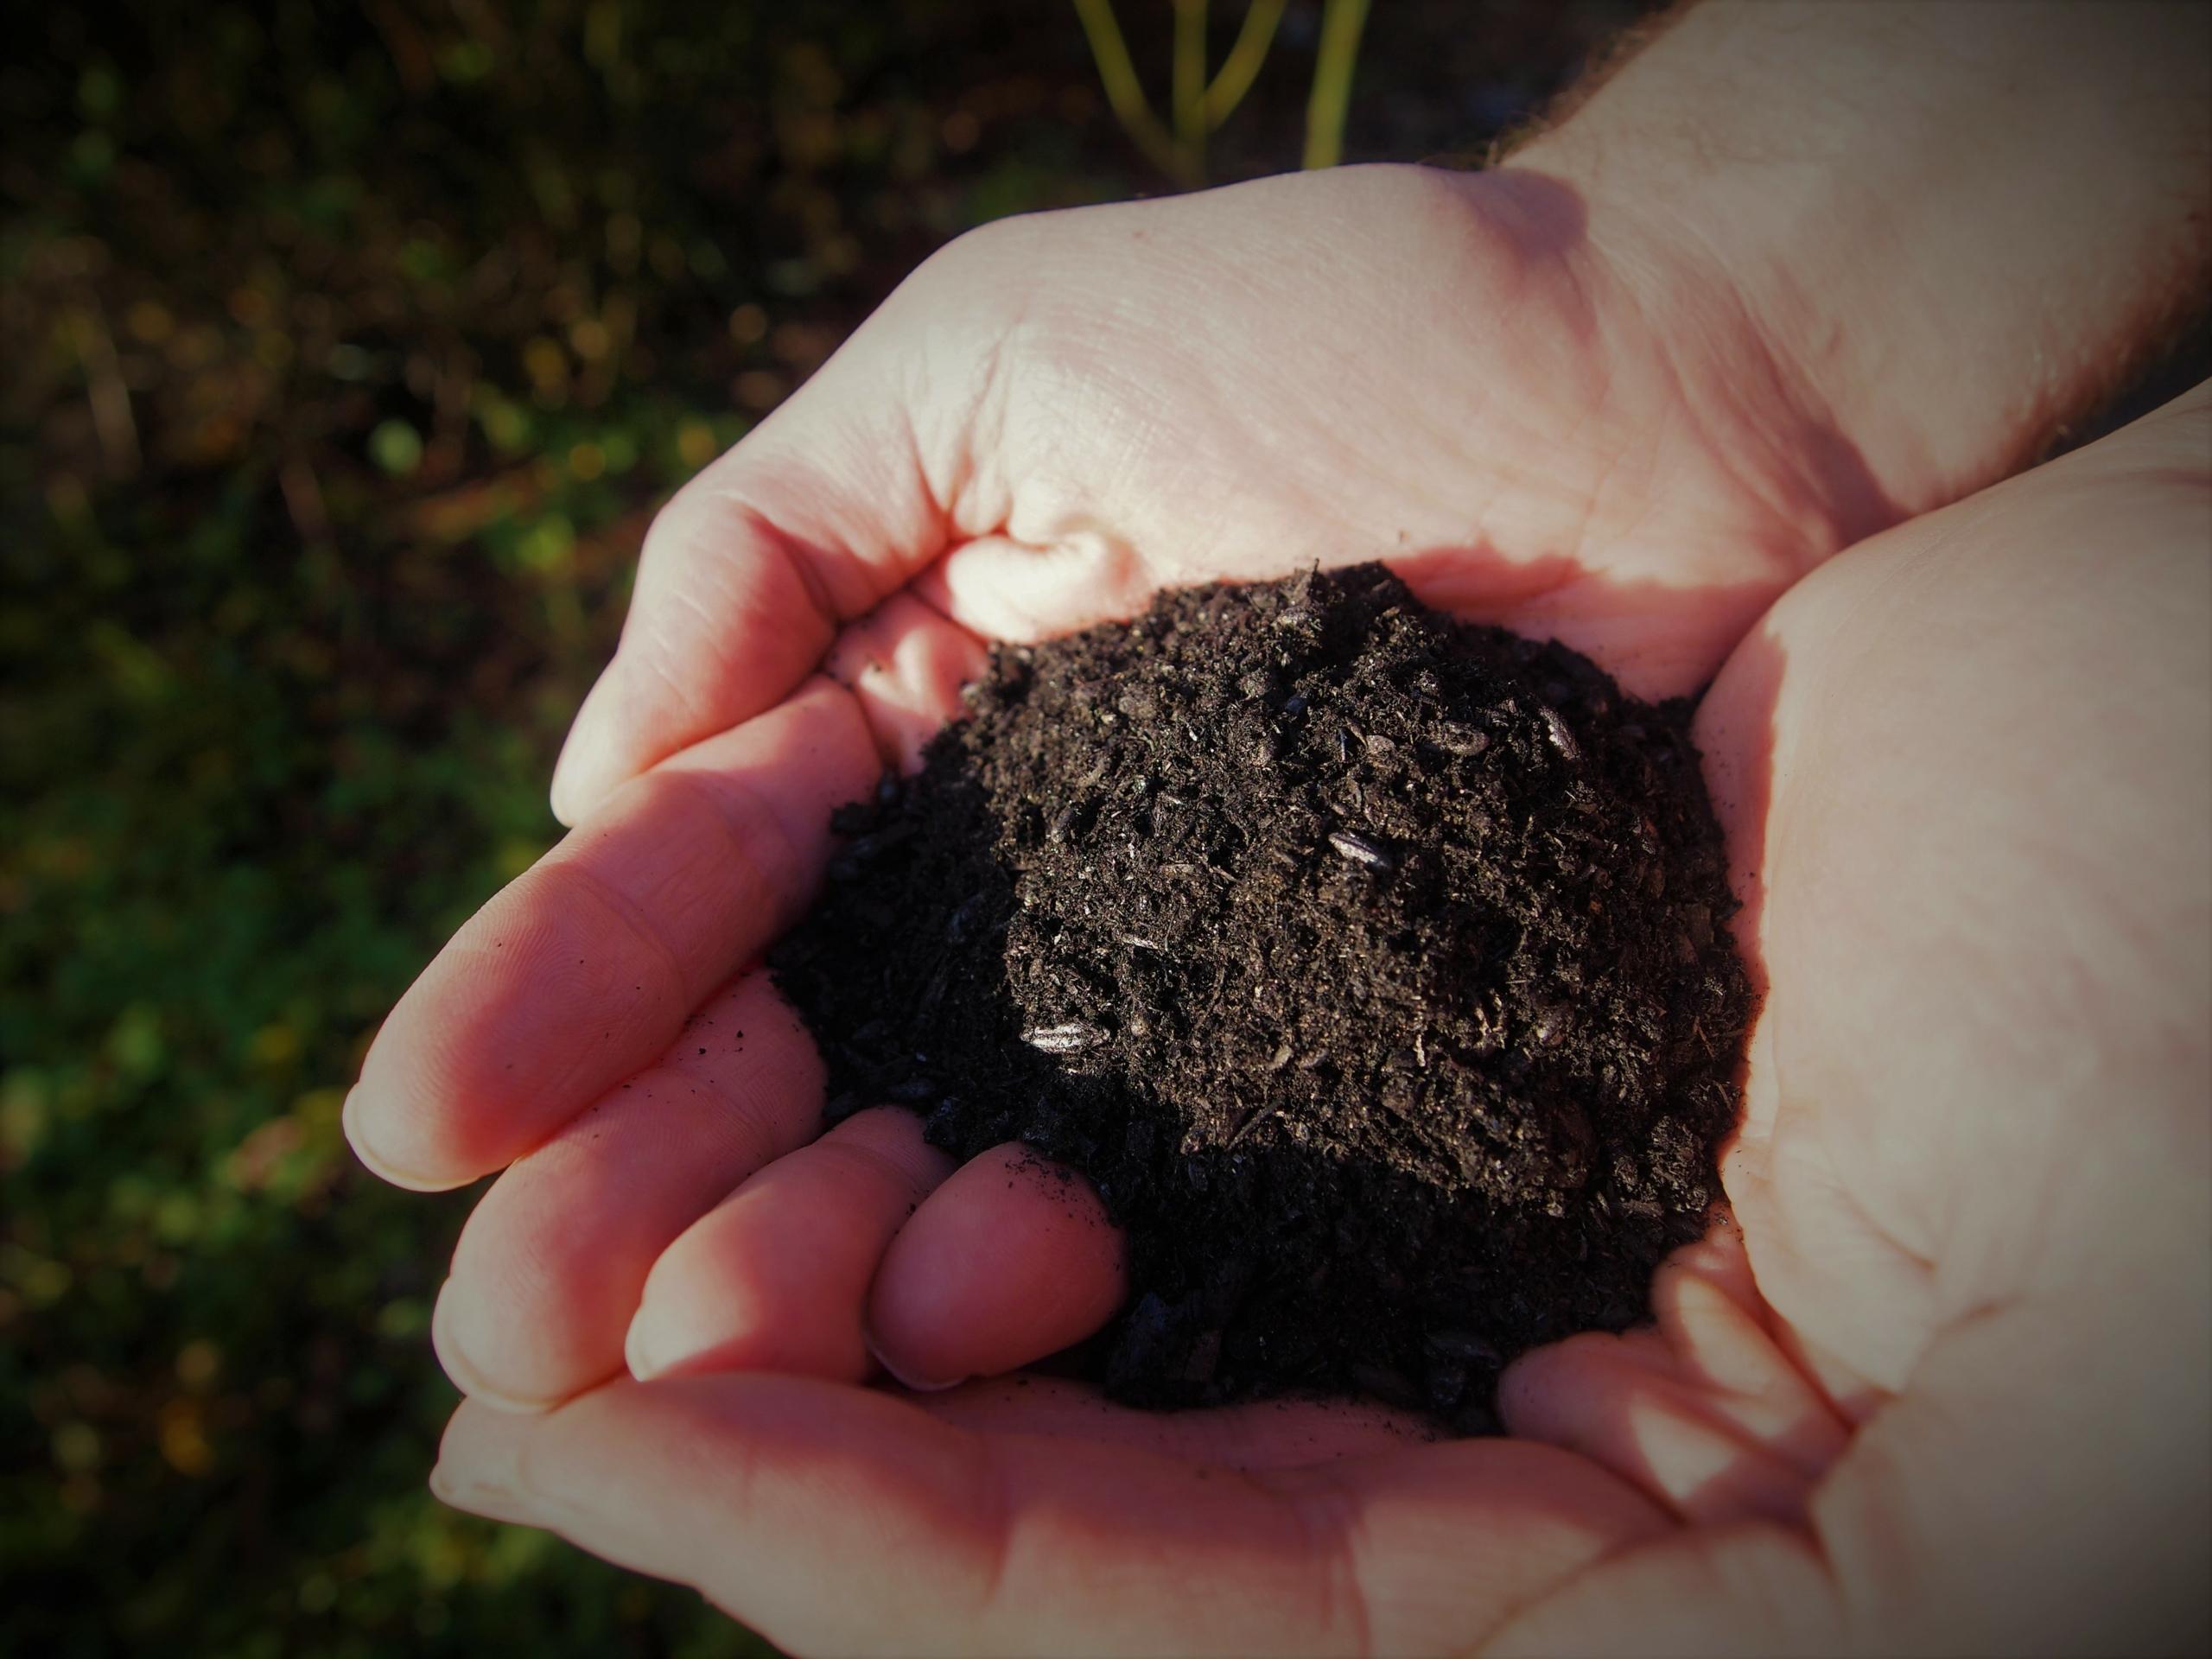 biokol användning trädgård Gotland